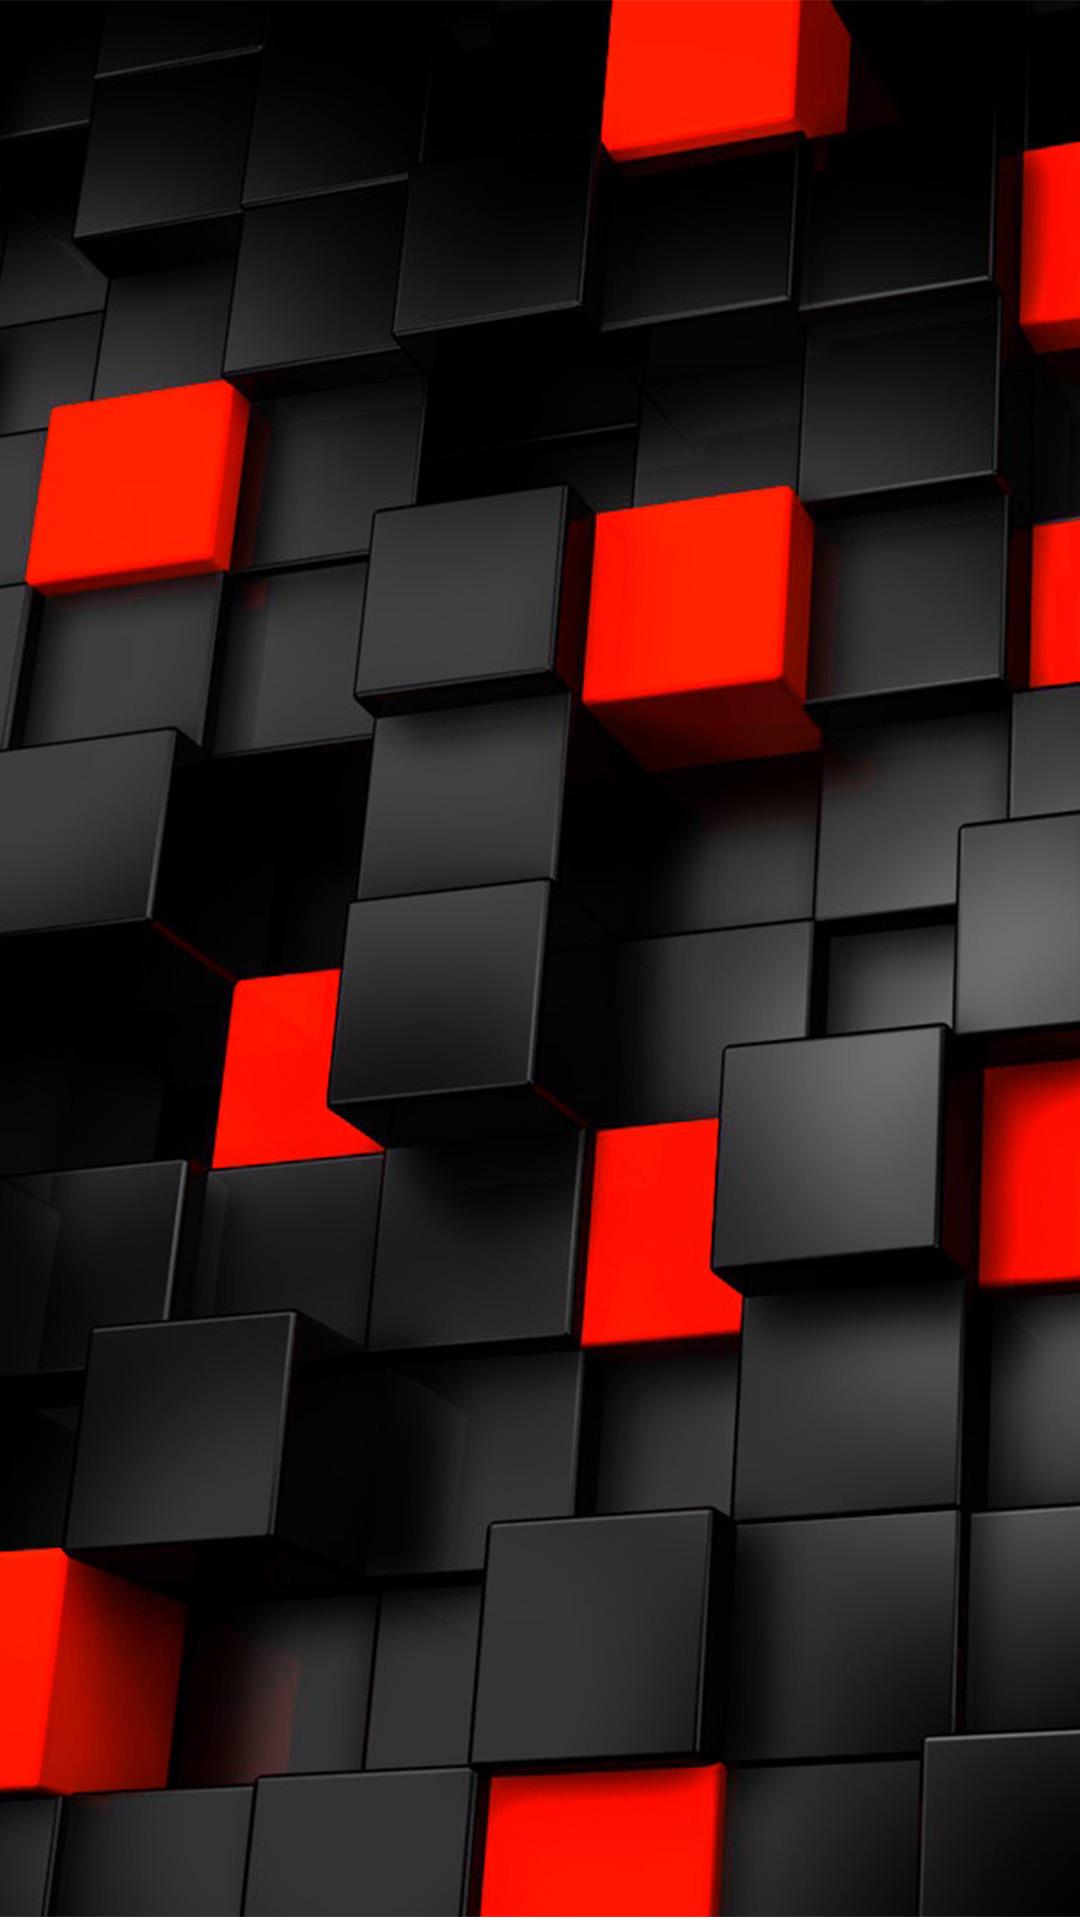 Scatola tridimensionale di base stereo rosso e nero